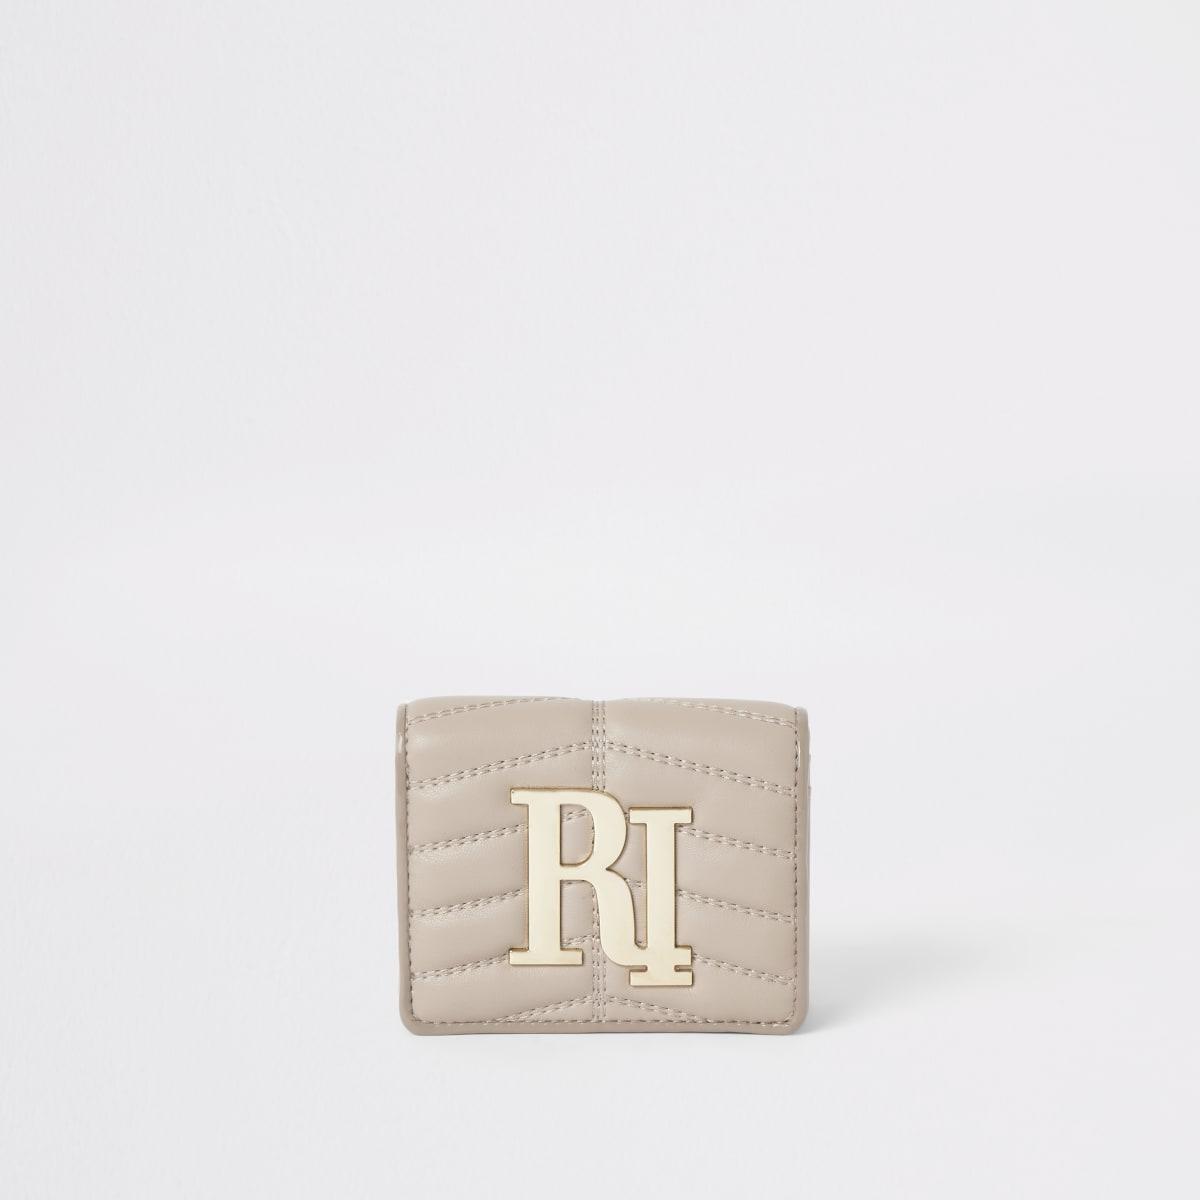 Porte-monnaie RI matelassé crème à rabat